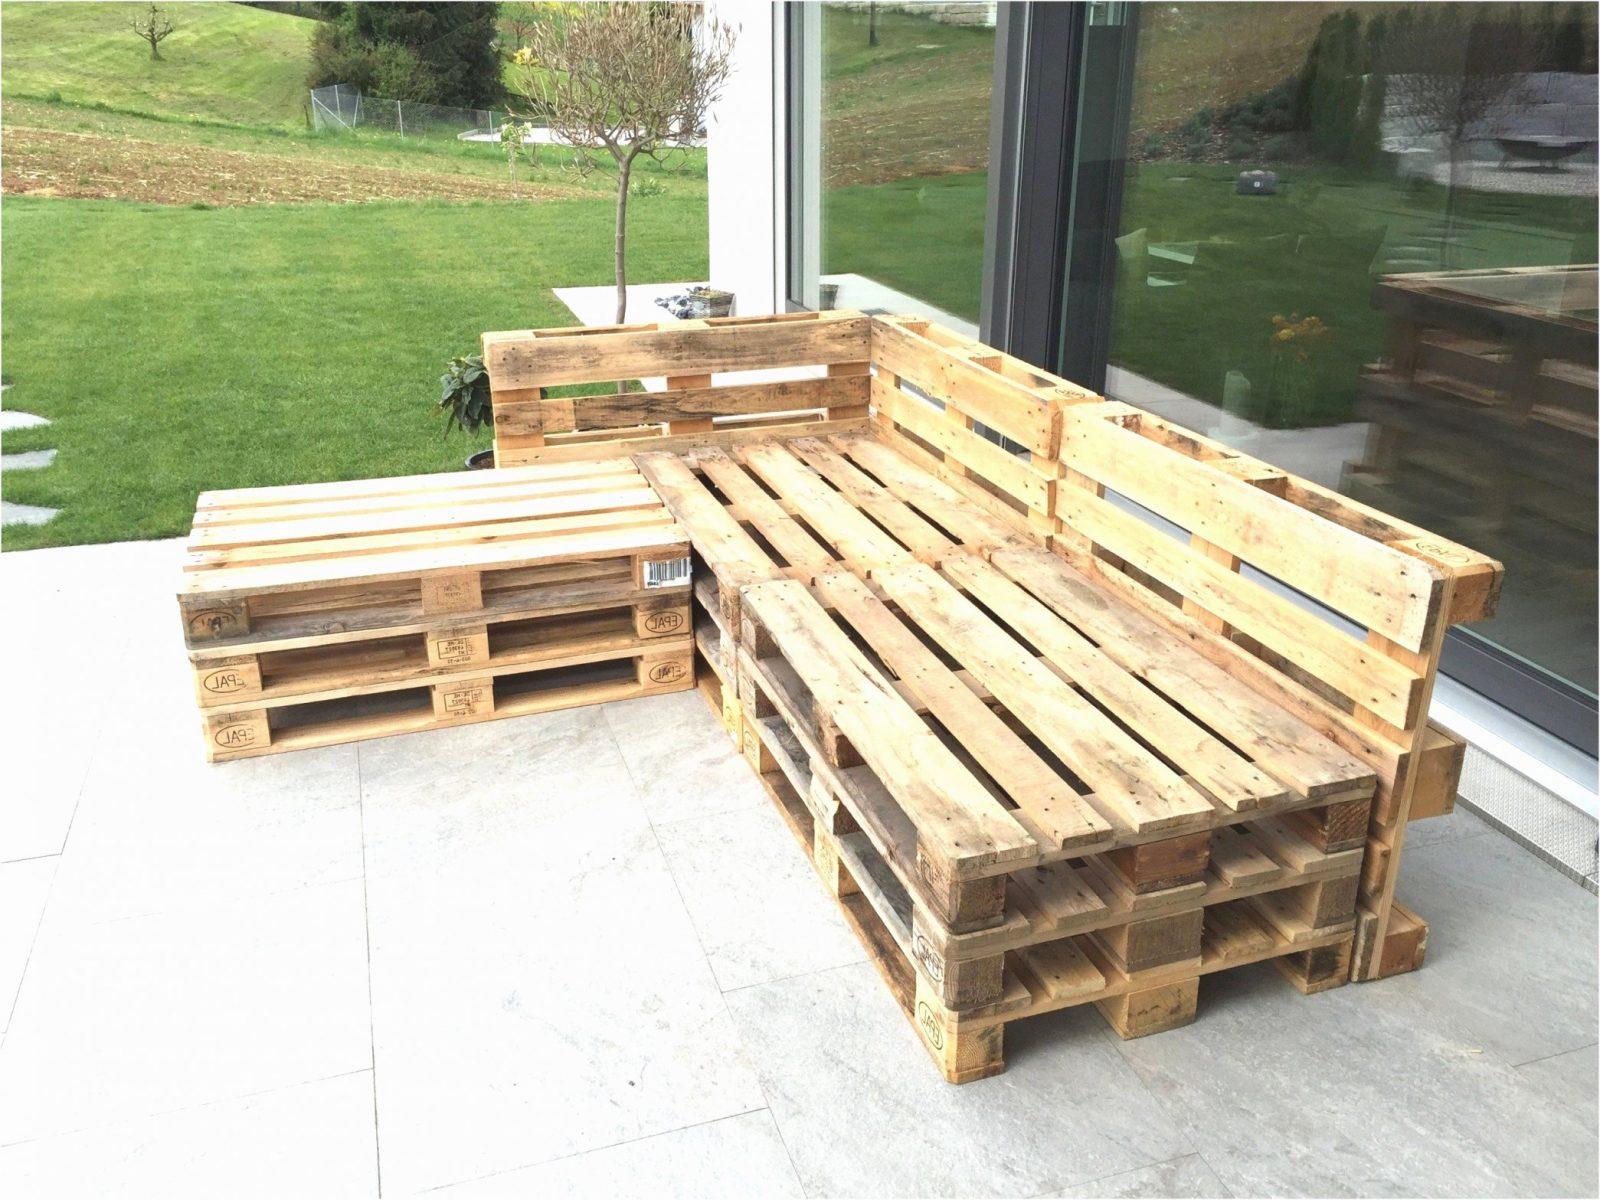 58 Luxus Zum Gartenbank Selber Bauen Einfach Oberteil von Gartenbank Selber Bauen Einfach Photo